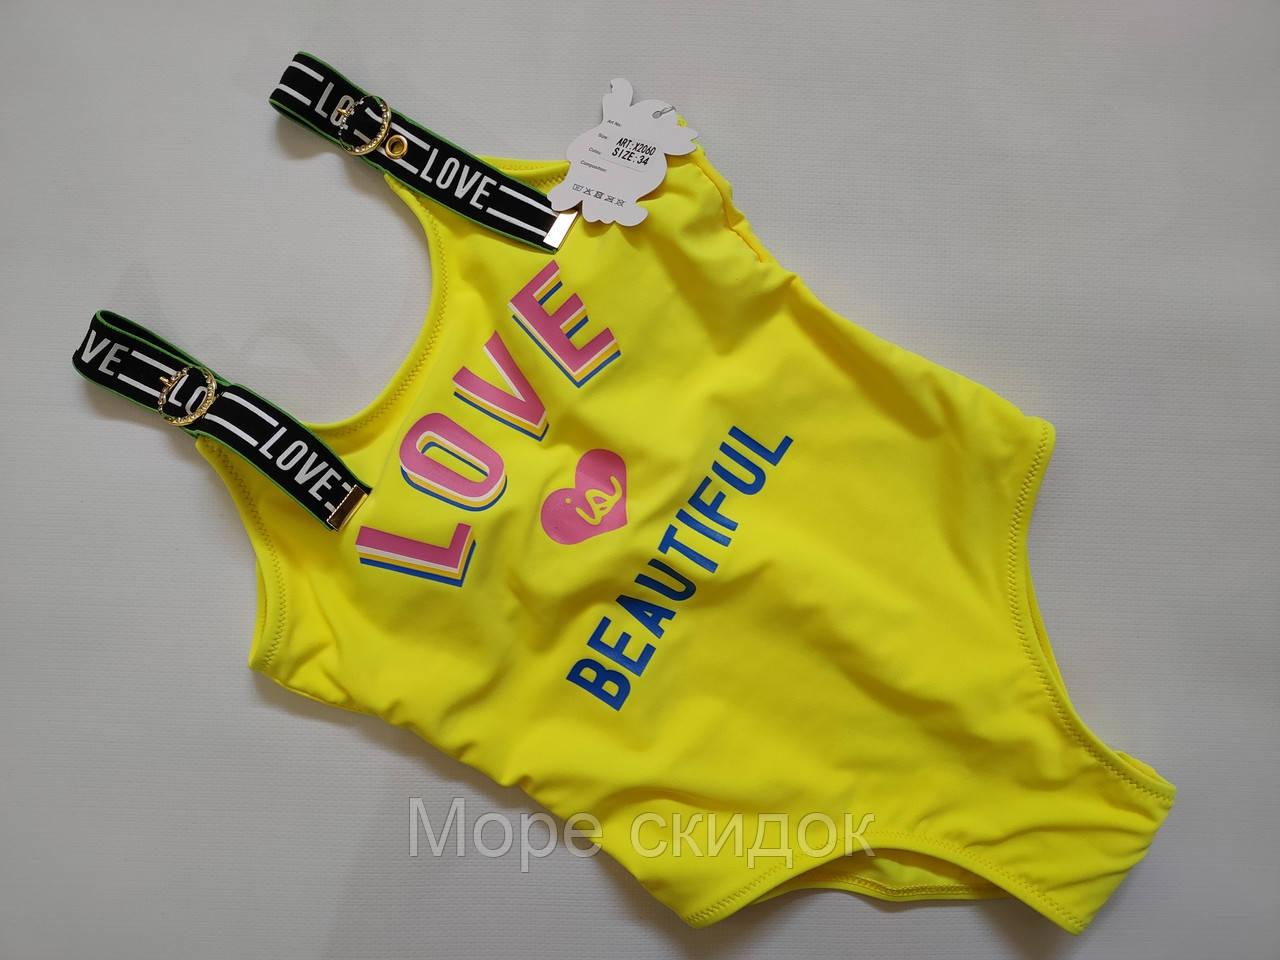 Купальник  подростковый 2060 FUBA  Бьютифул желтый(в наличии   34 36 38 40 42      размеры)